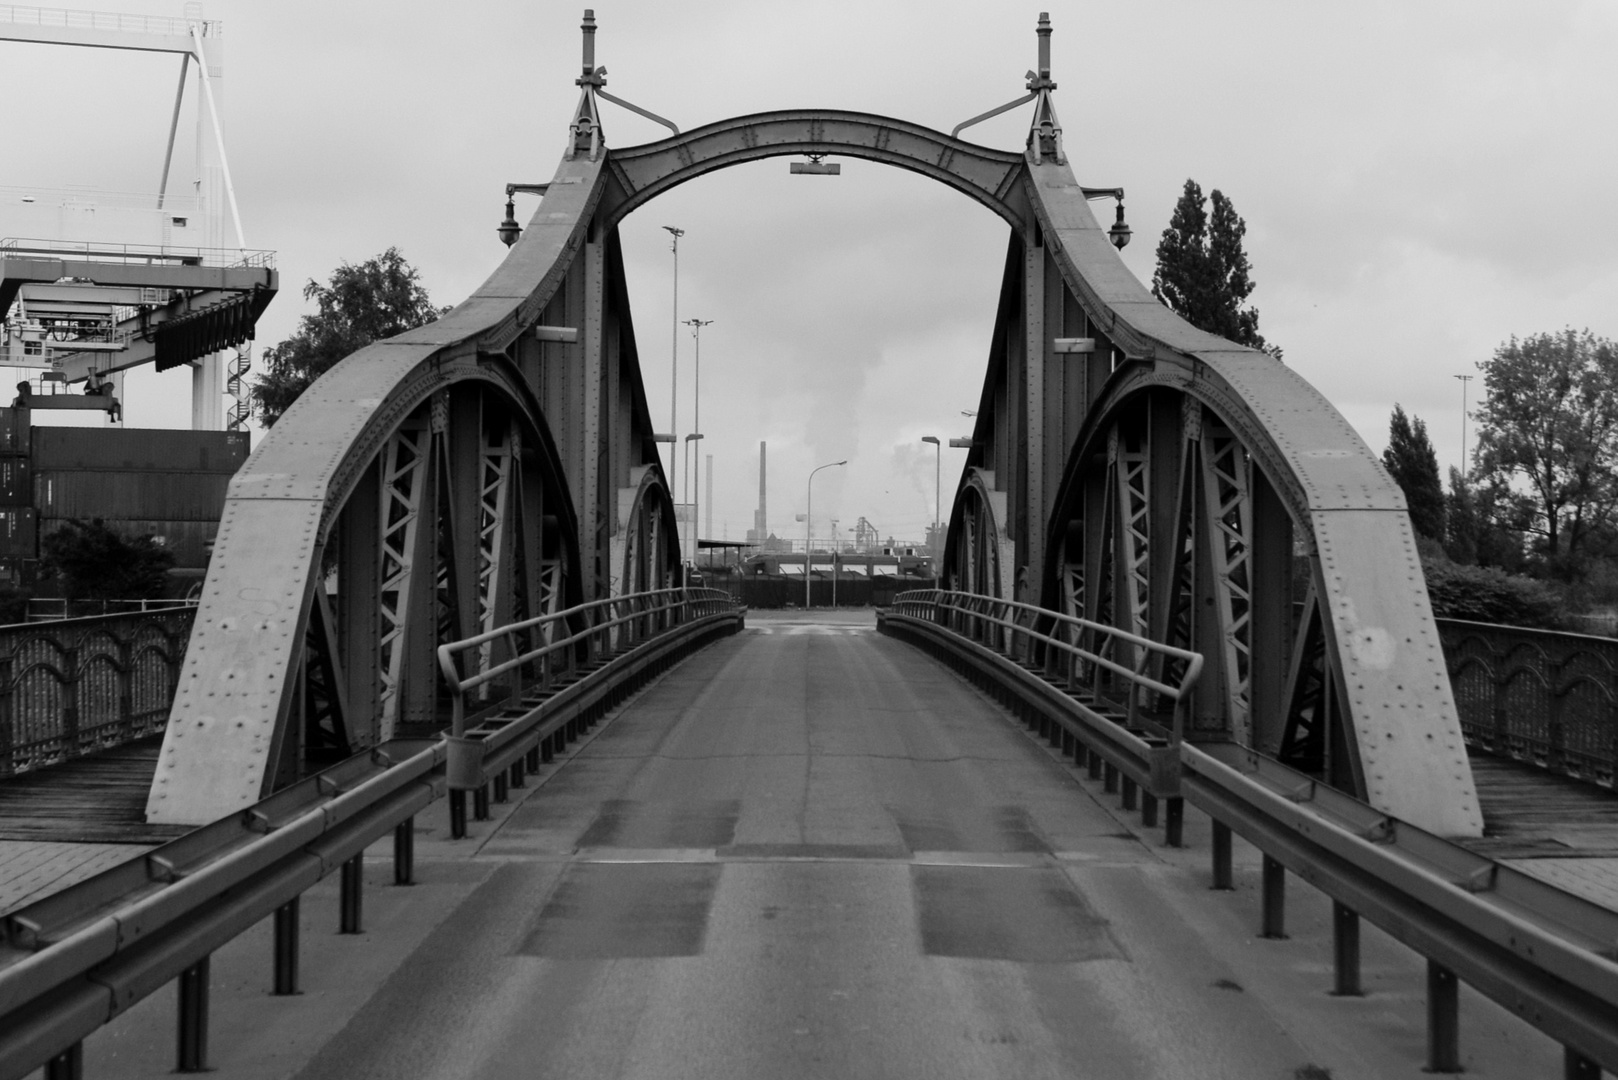 Drehbrücke in Uerdingen